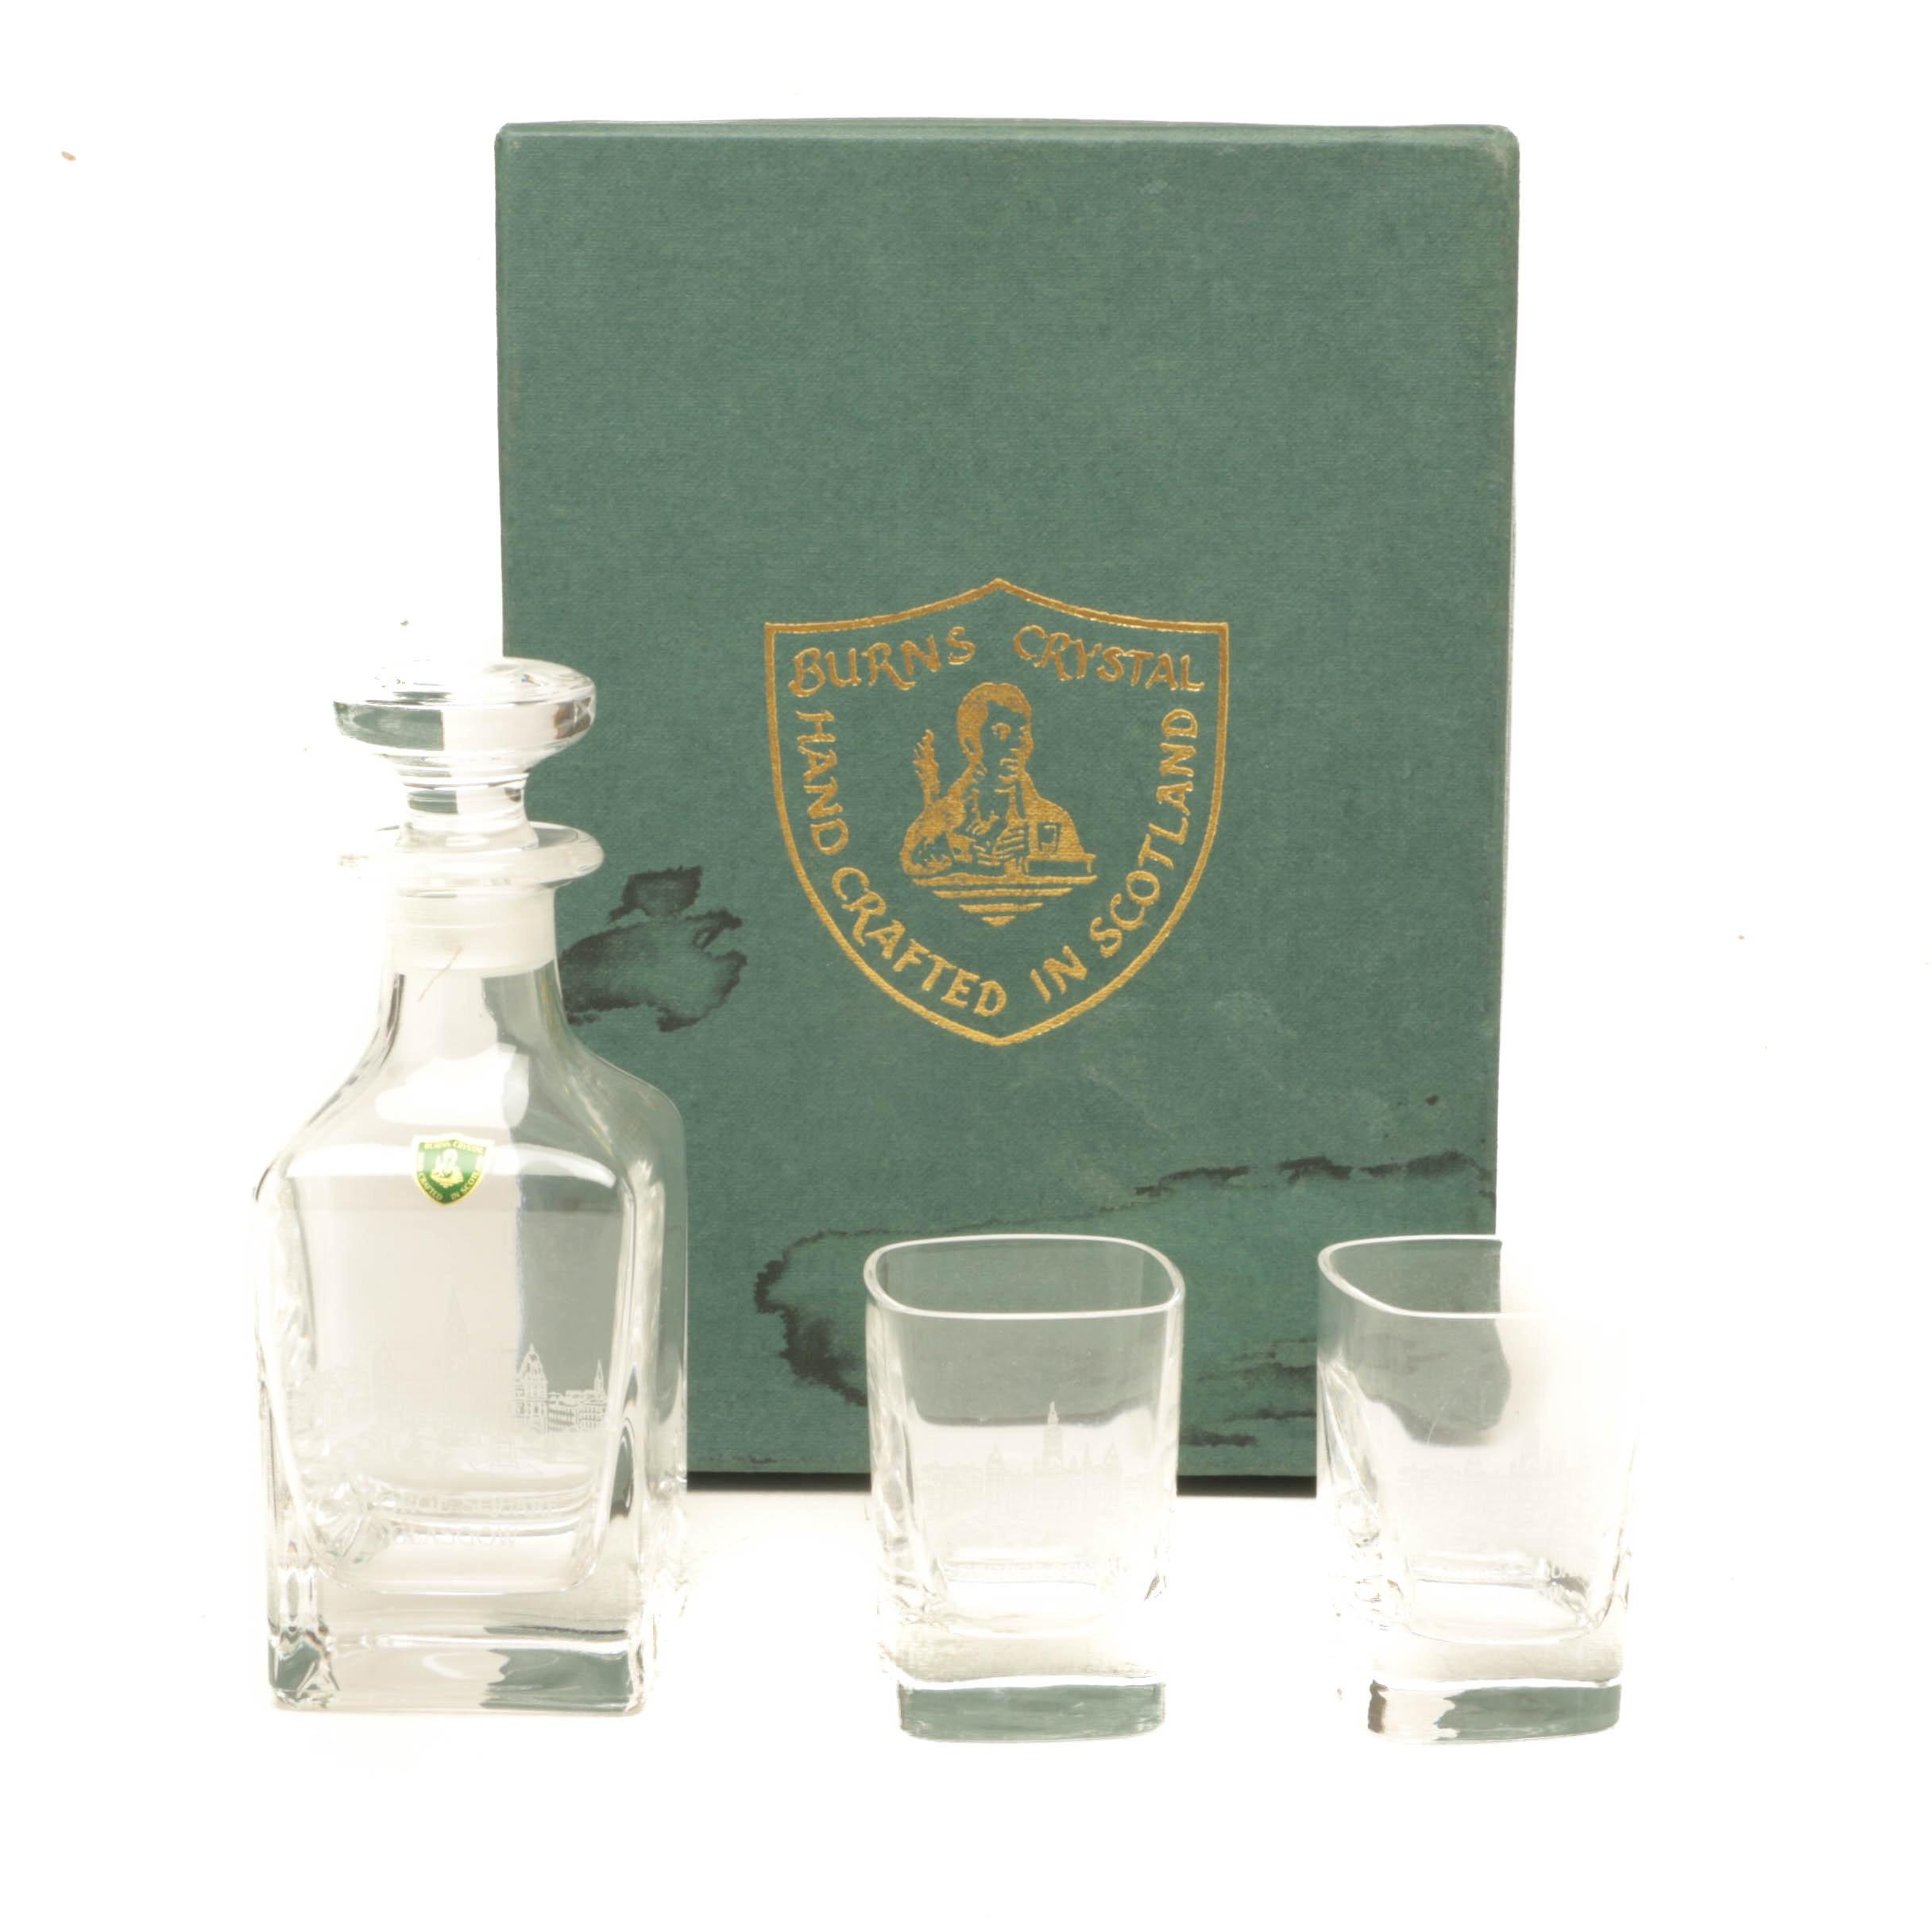 Scottish Burns Crystal Whiskey Set